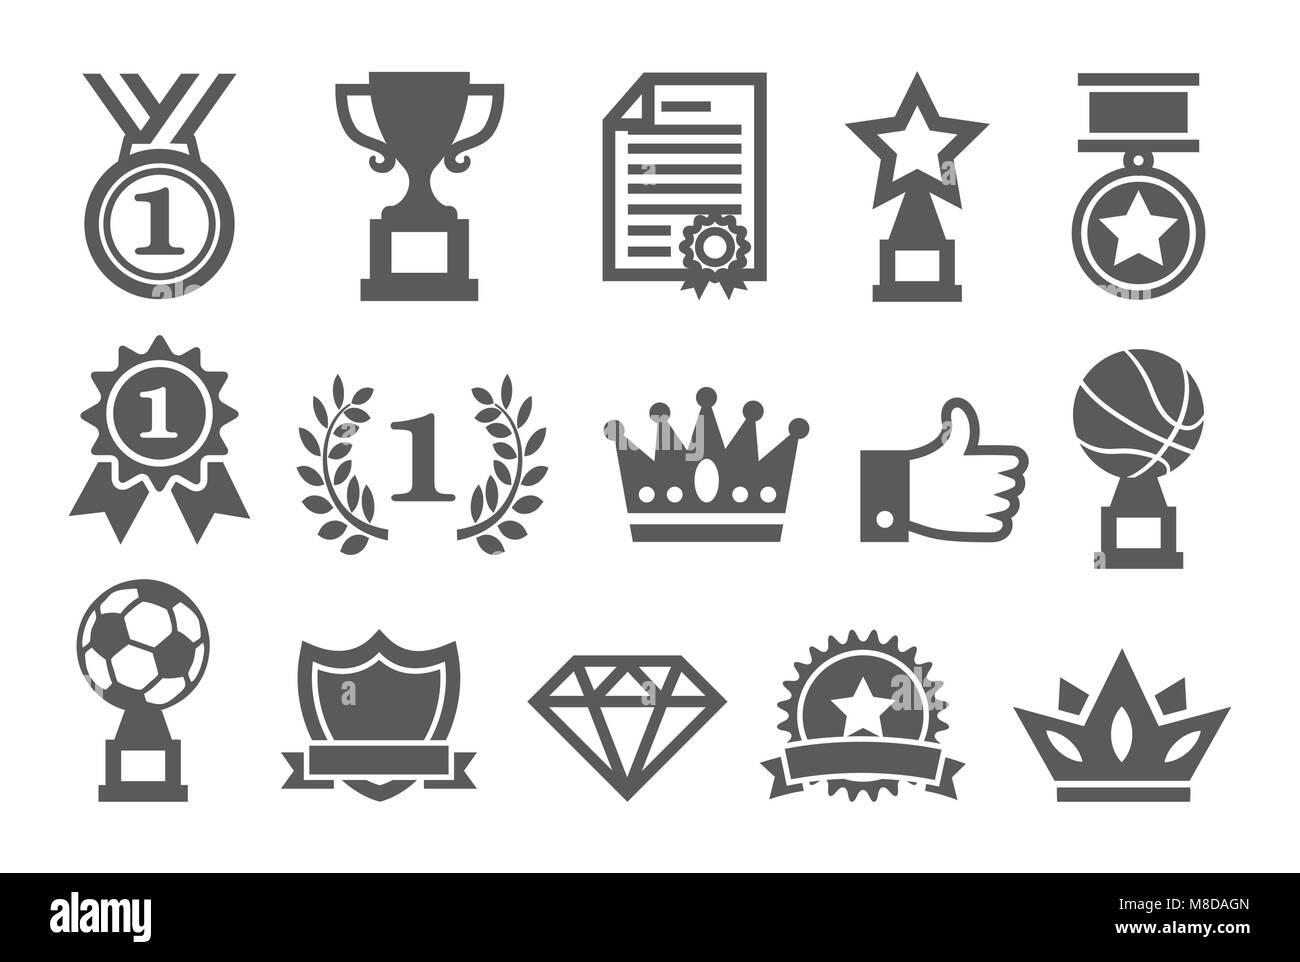 Awards icons set Photo Stock